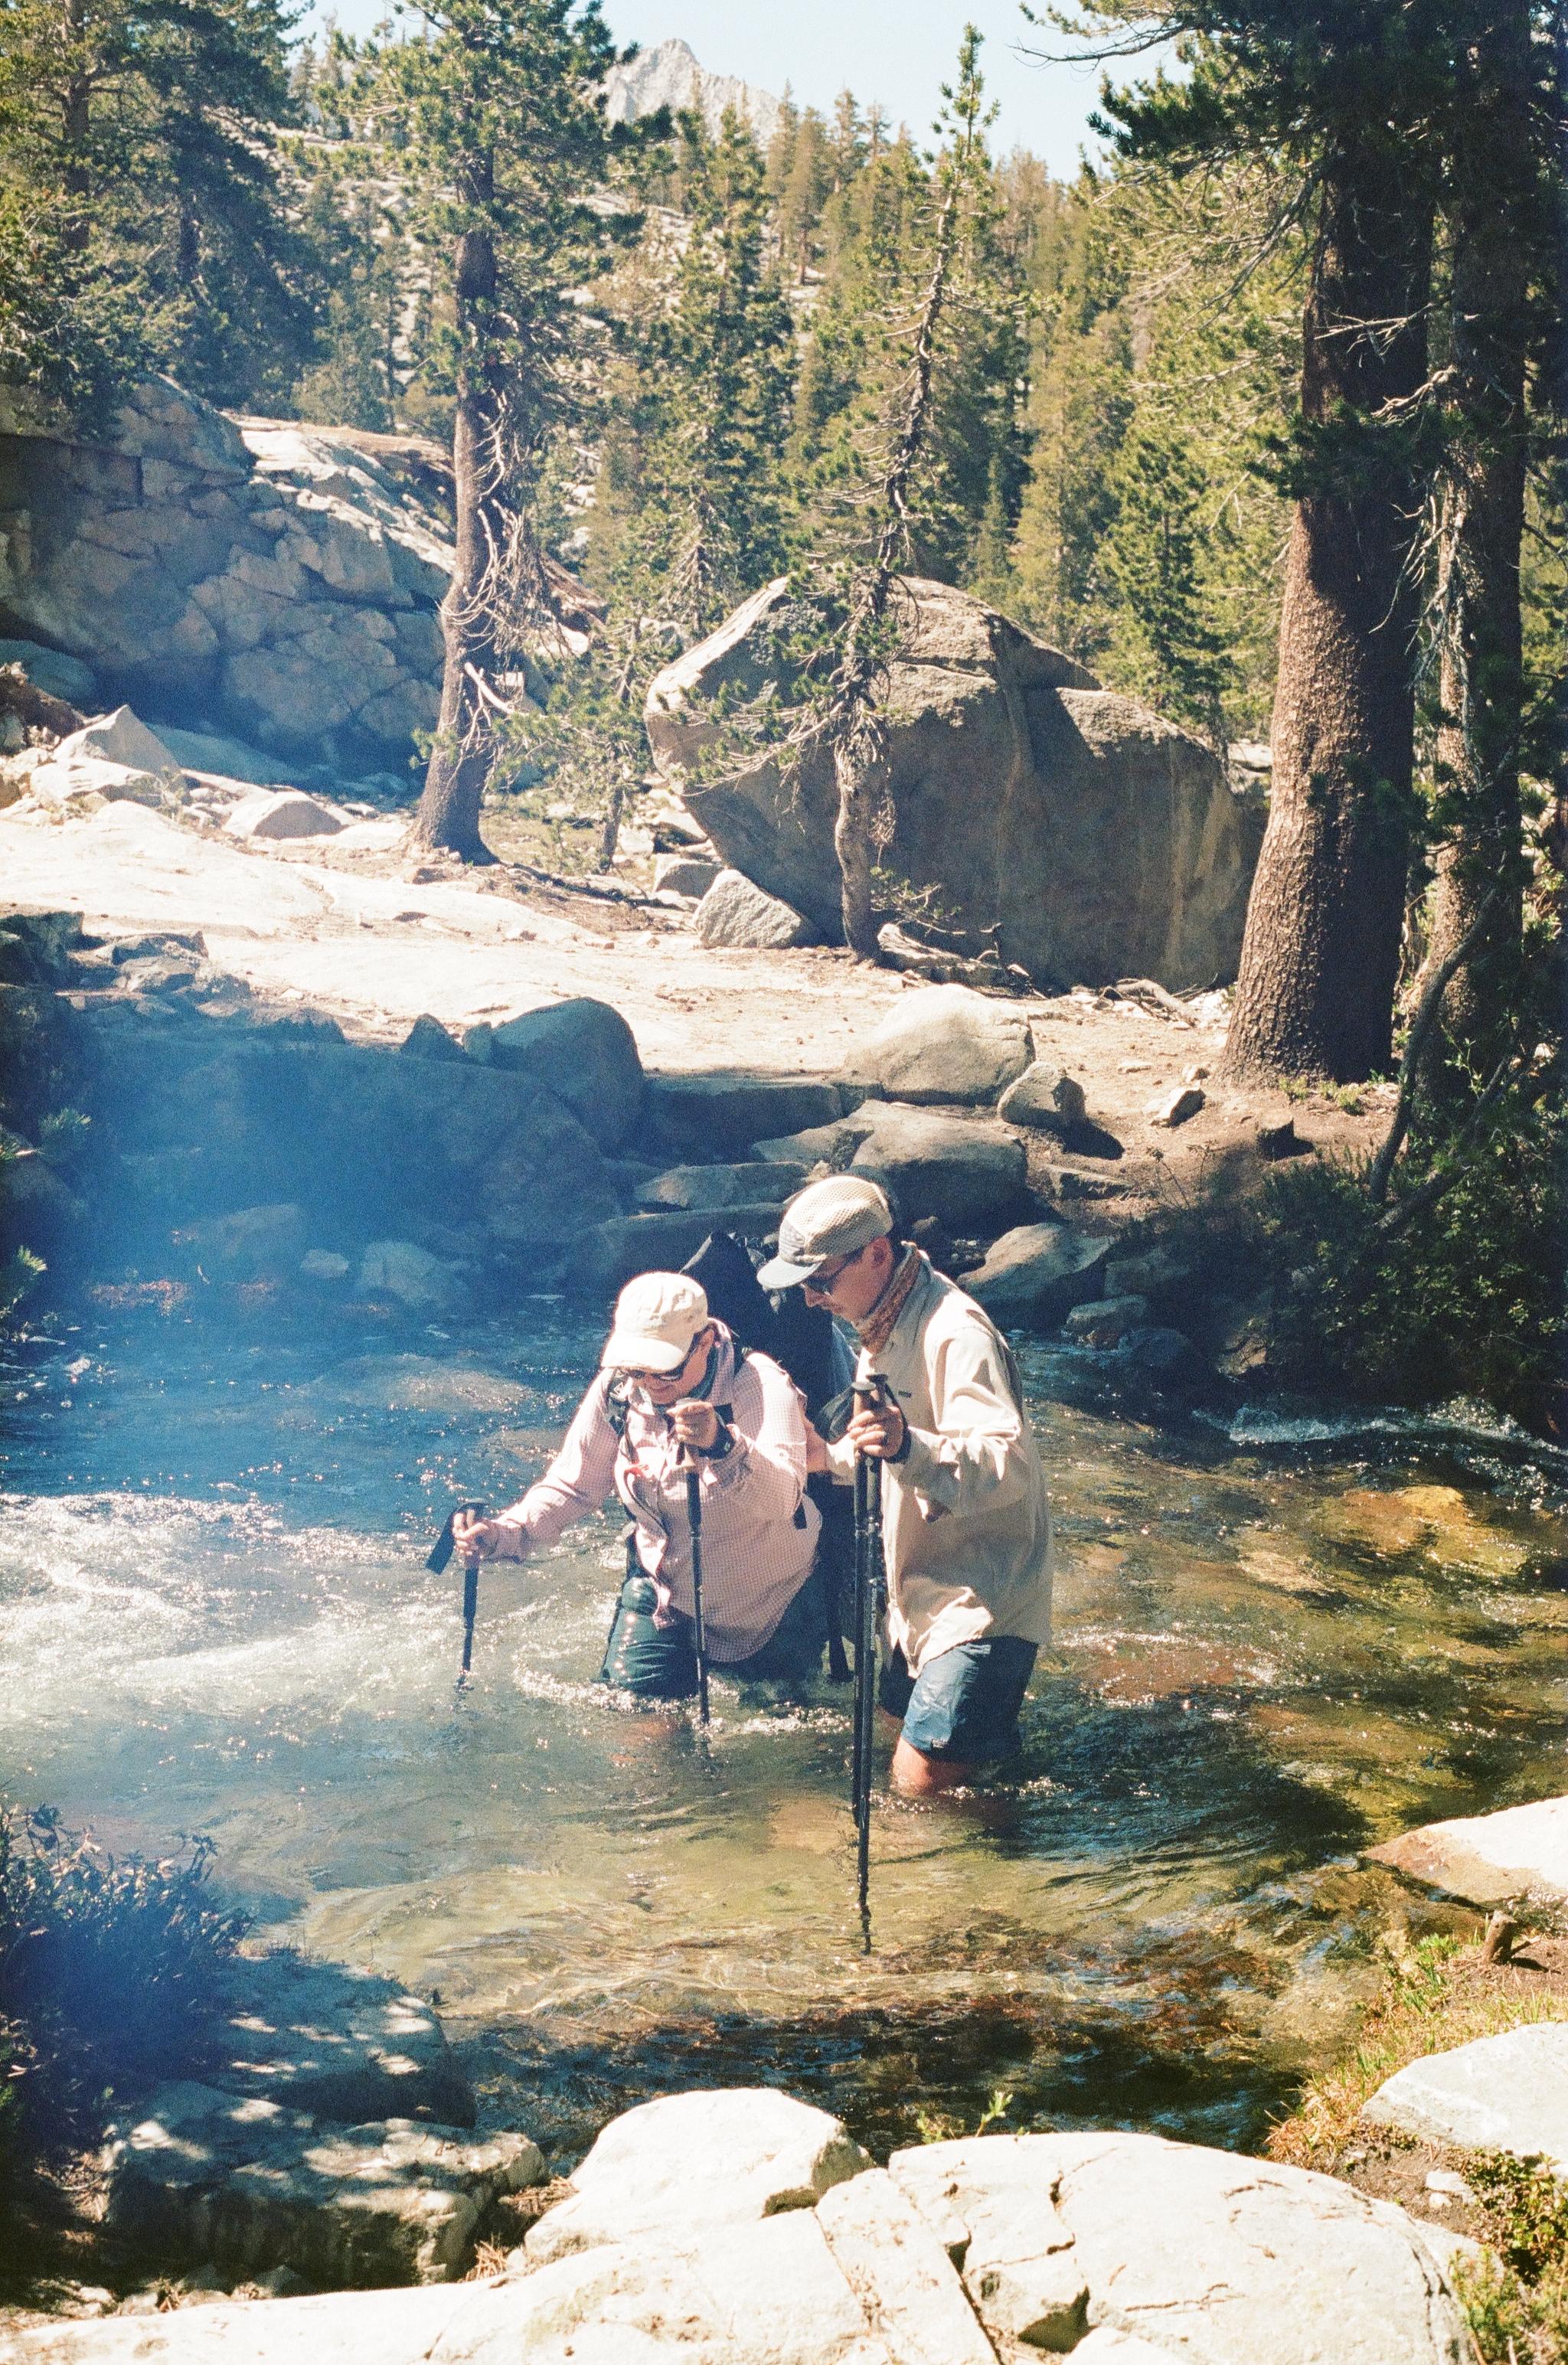 Owen helping Sissy ford a creek near Island Pass, 35mm film